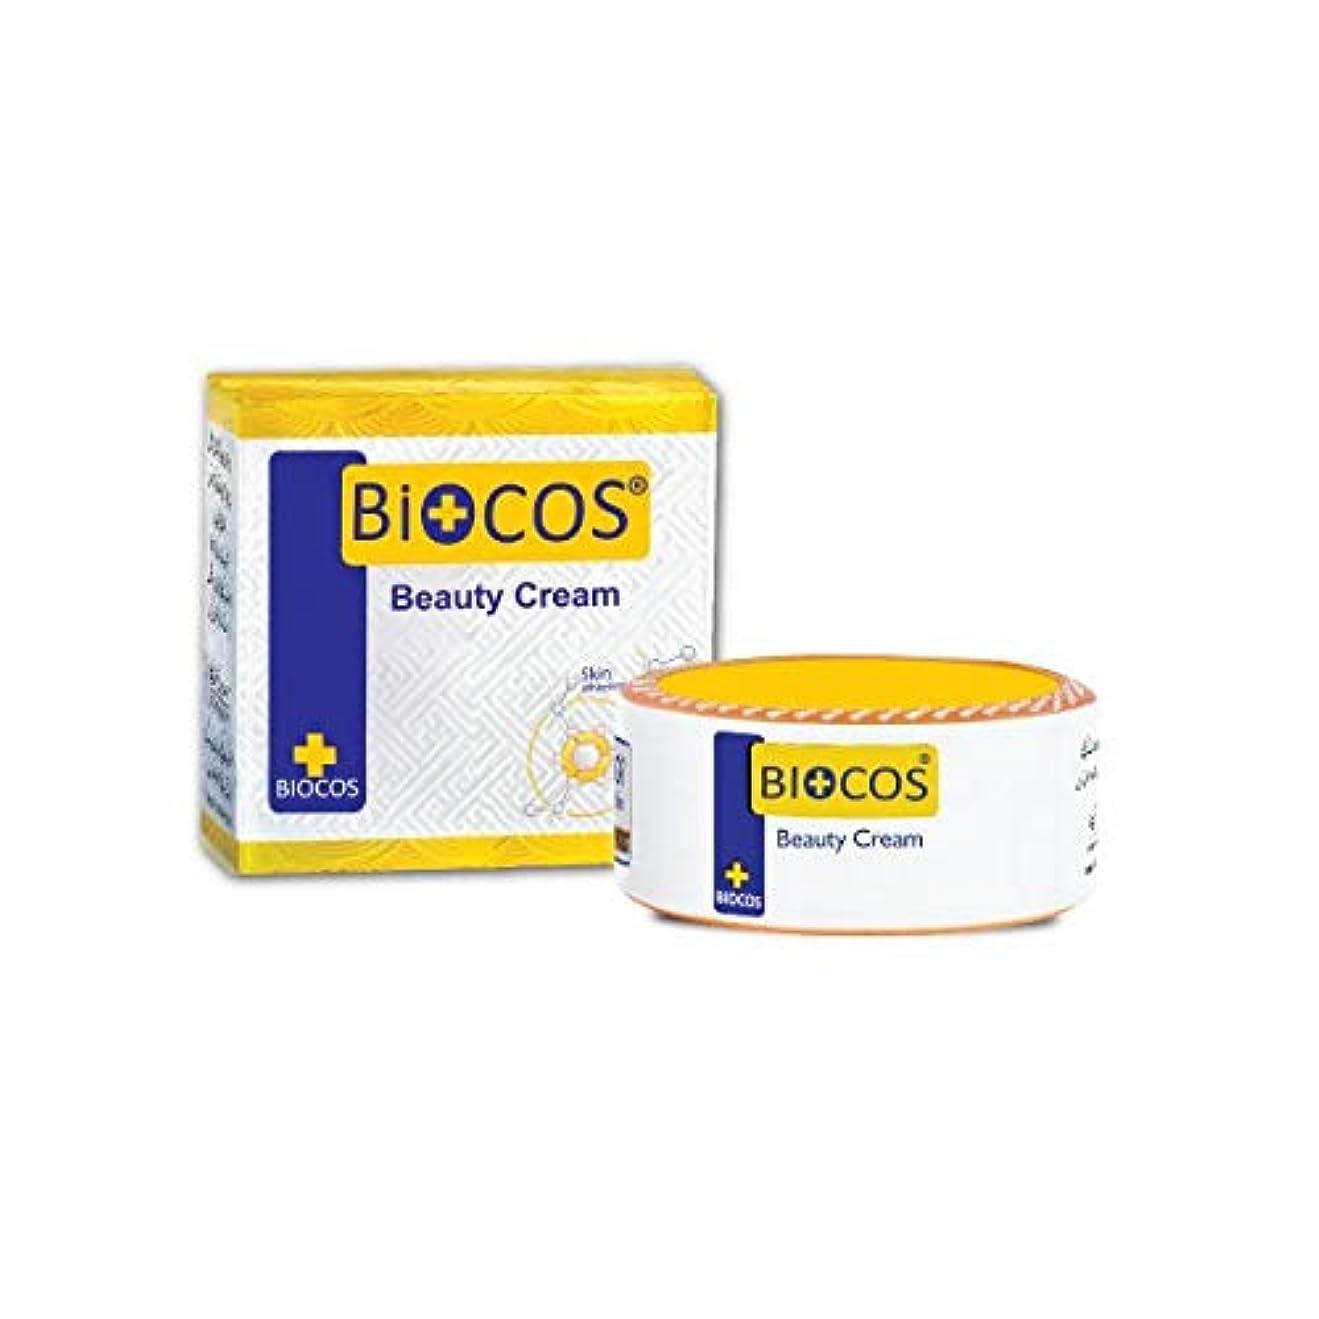 ダーリン本体申し込むBiocos Beauty Cream & Emergency Serum Original Import from Pakistan